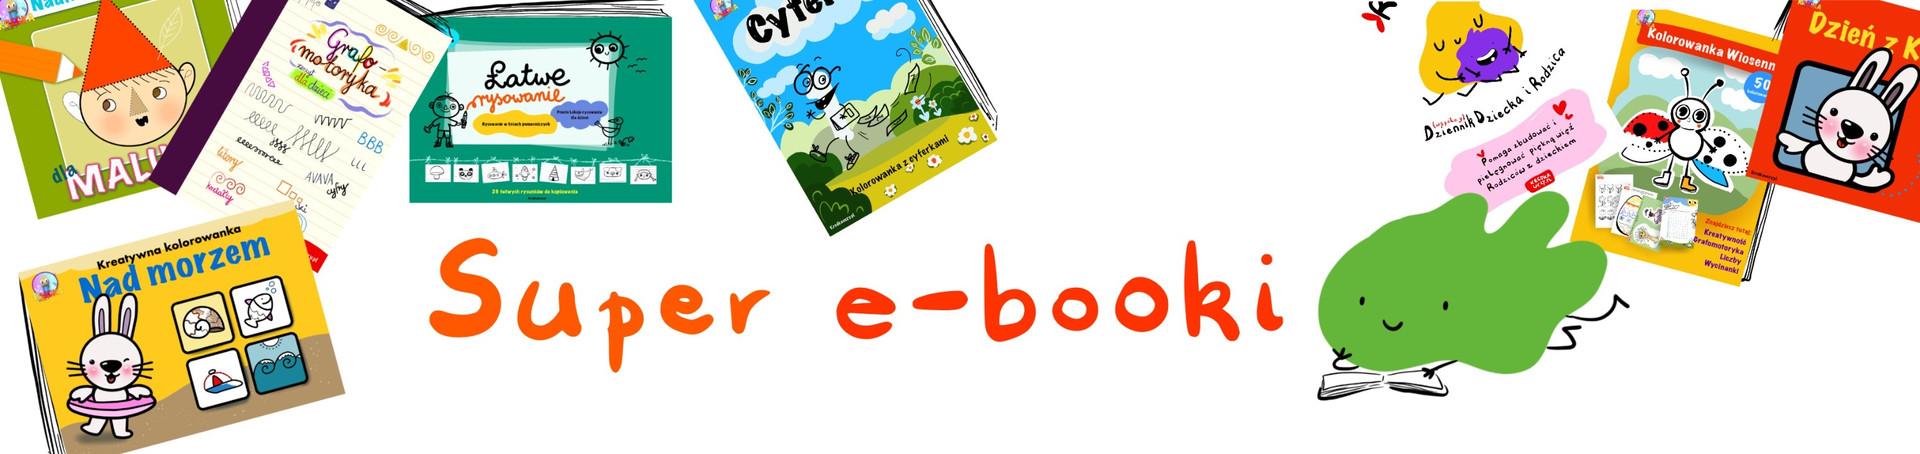 Super e-booki Kredki